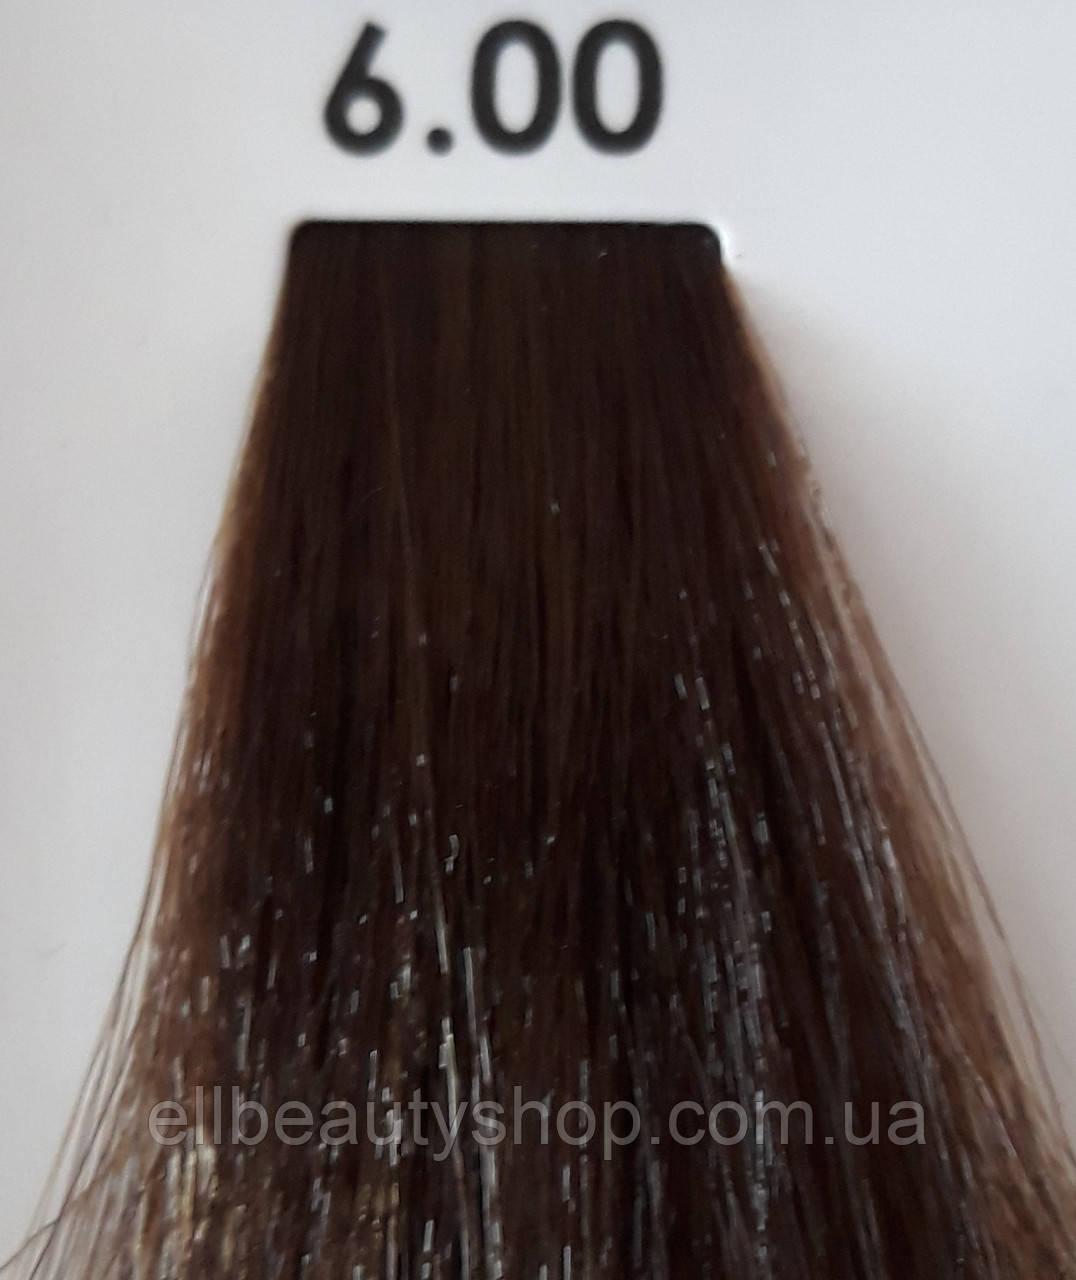 Стойкая крем-краска для волос  Luxor Color  6.00 темно-русый интенсивный